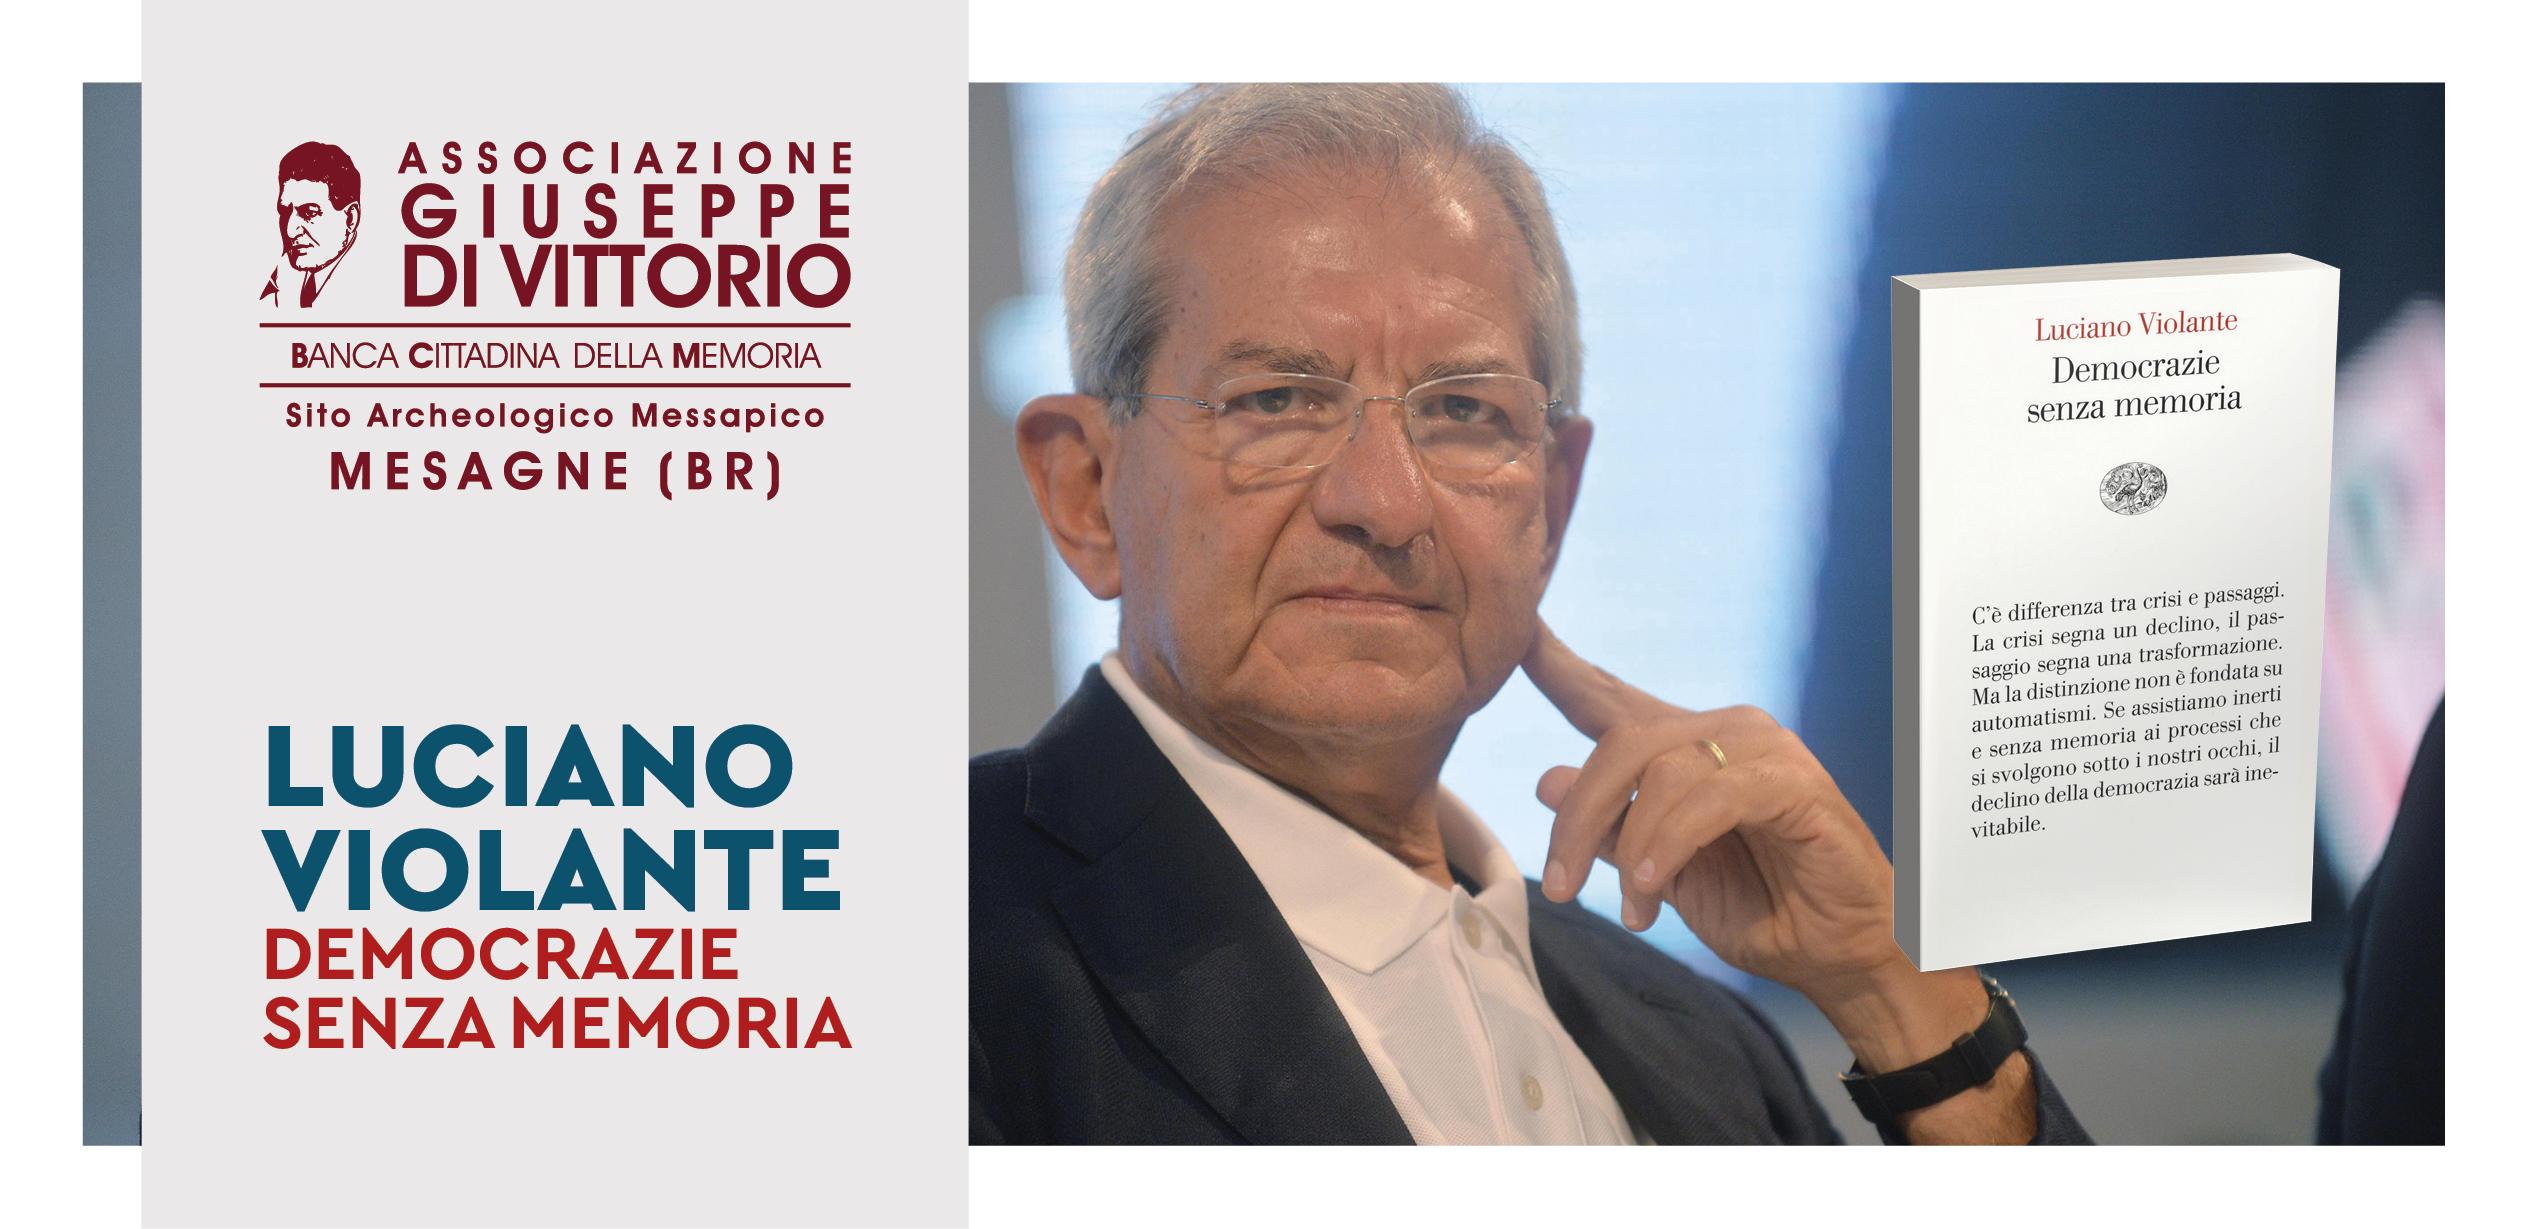 """Mercoledì 8 Novembre Luciano Violante presenta """"Democrazie senza memoria"""""""